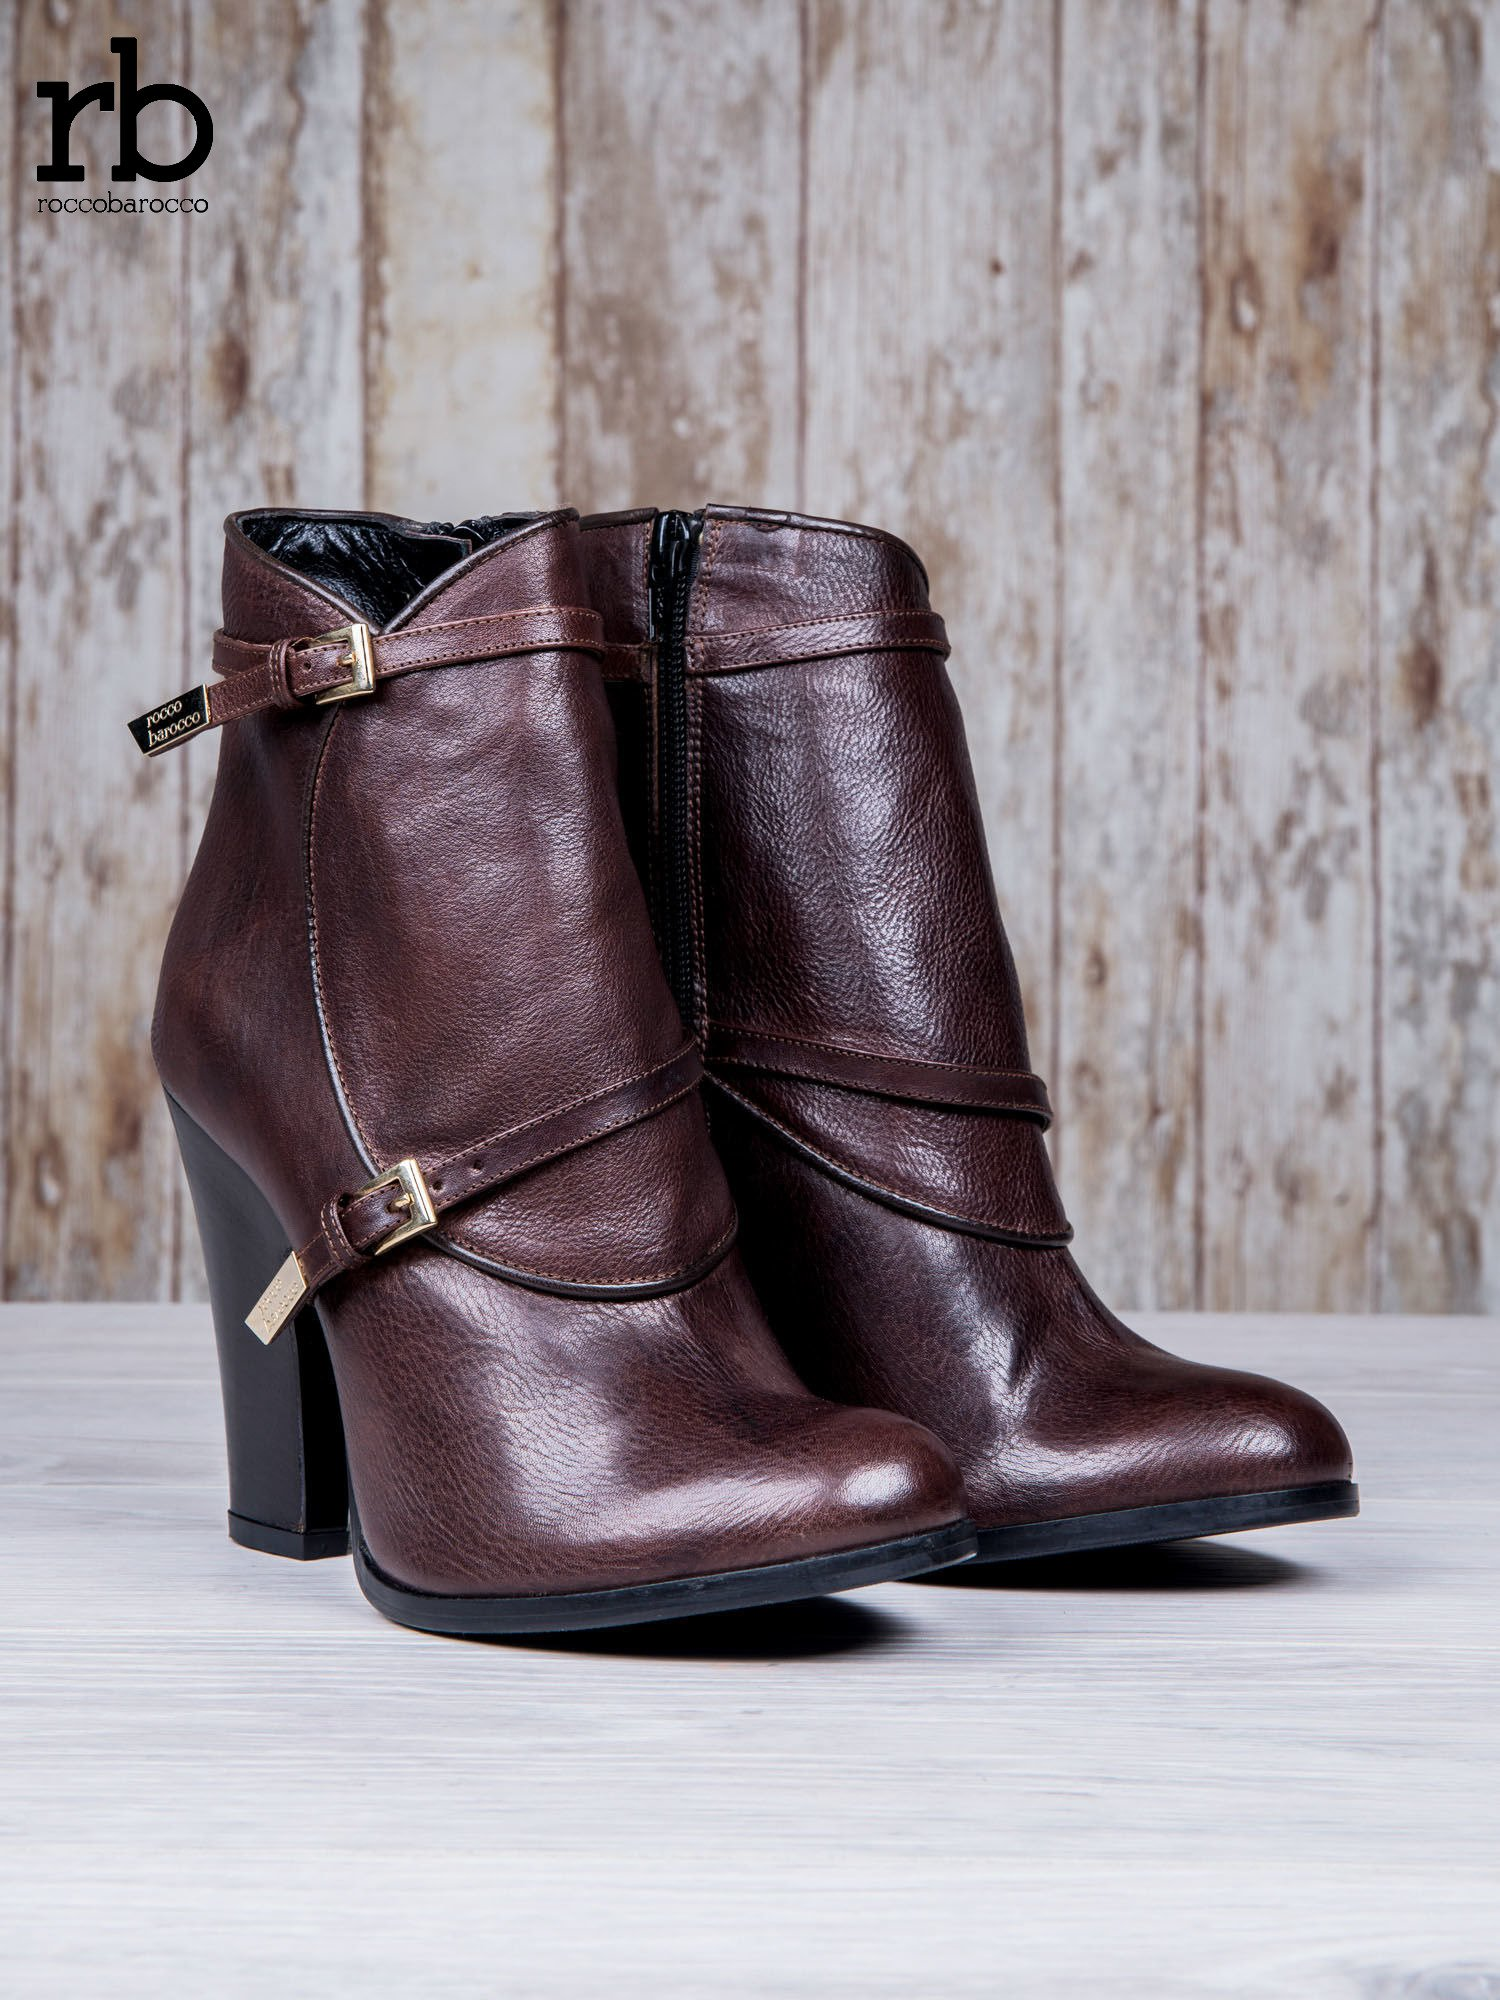 ROCCOBAROCCO Brązowe botki skórzane genuine leather na słupku ze złotymi klamerkami                                  zdj.                                  3